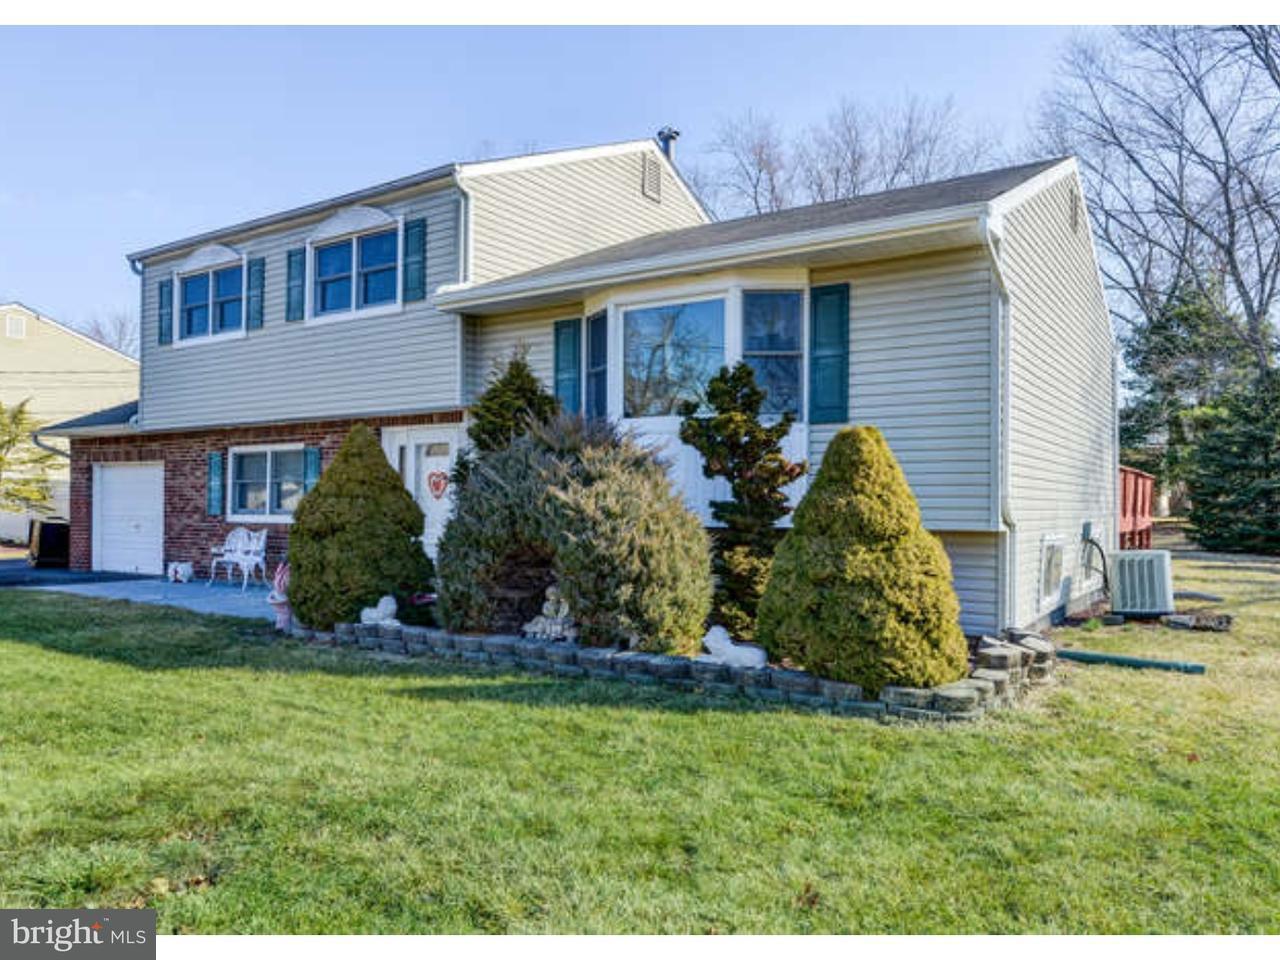 Casa Unifamiliar por un Venta en 9 WHITMAN BLVD Manalapan, Nueva Jersey 07726 Estados Unidos